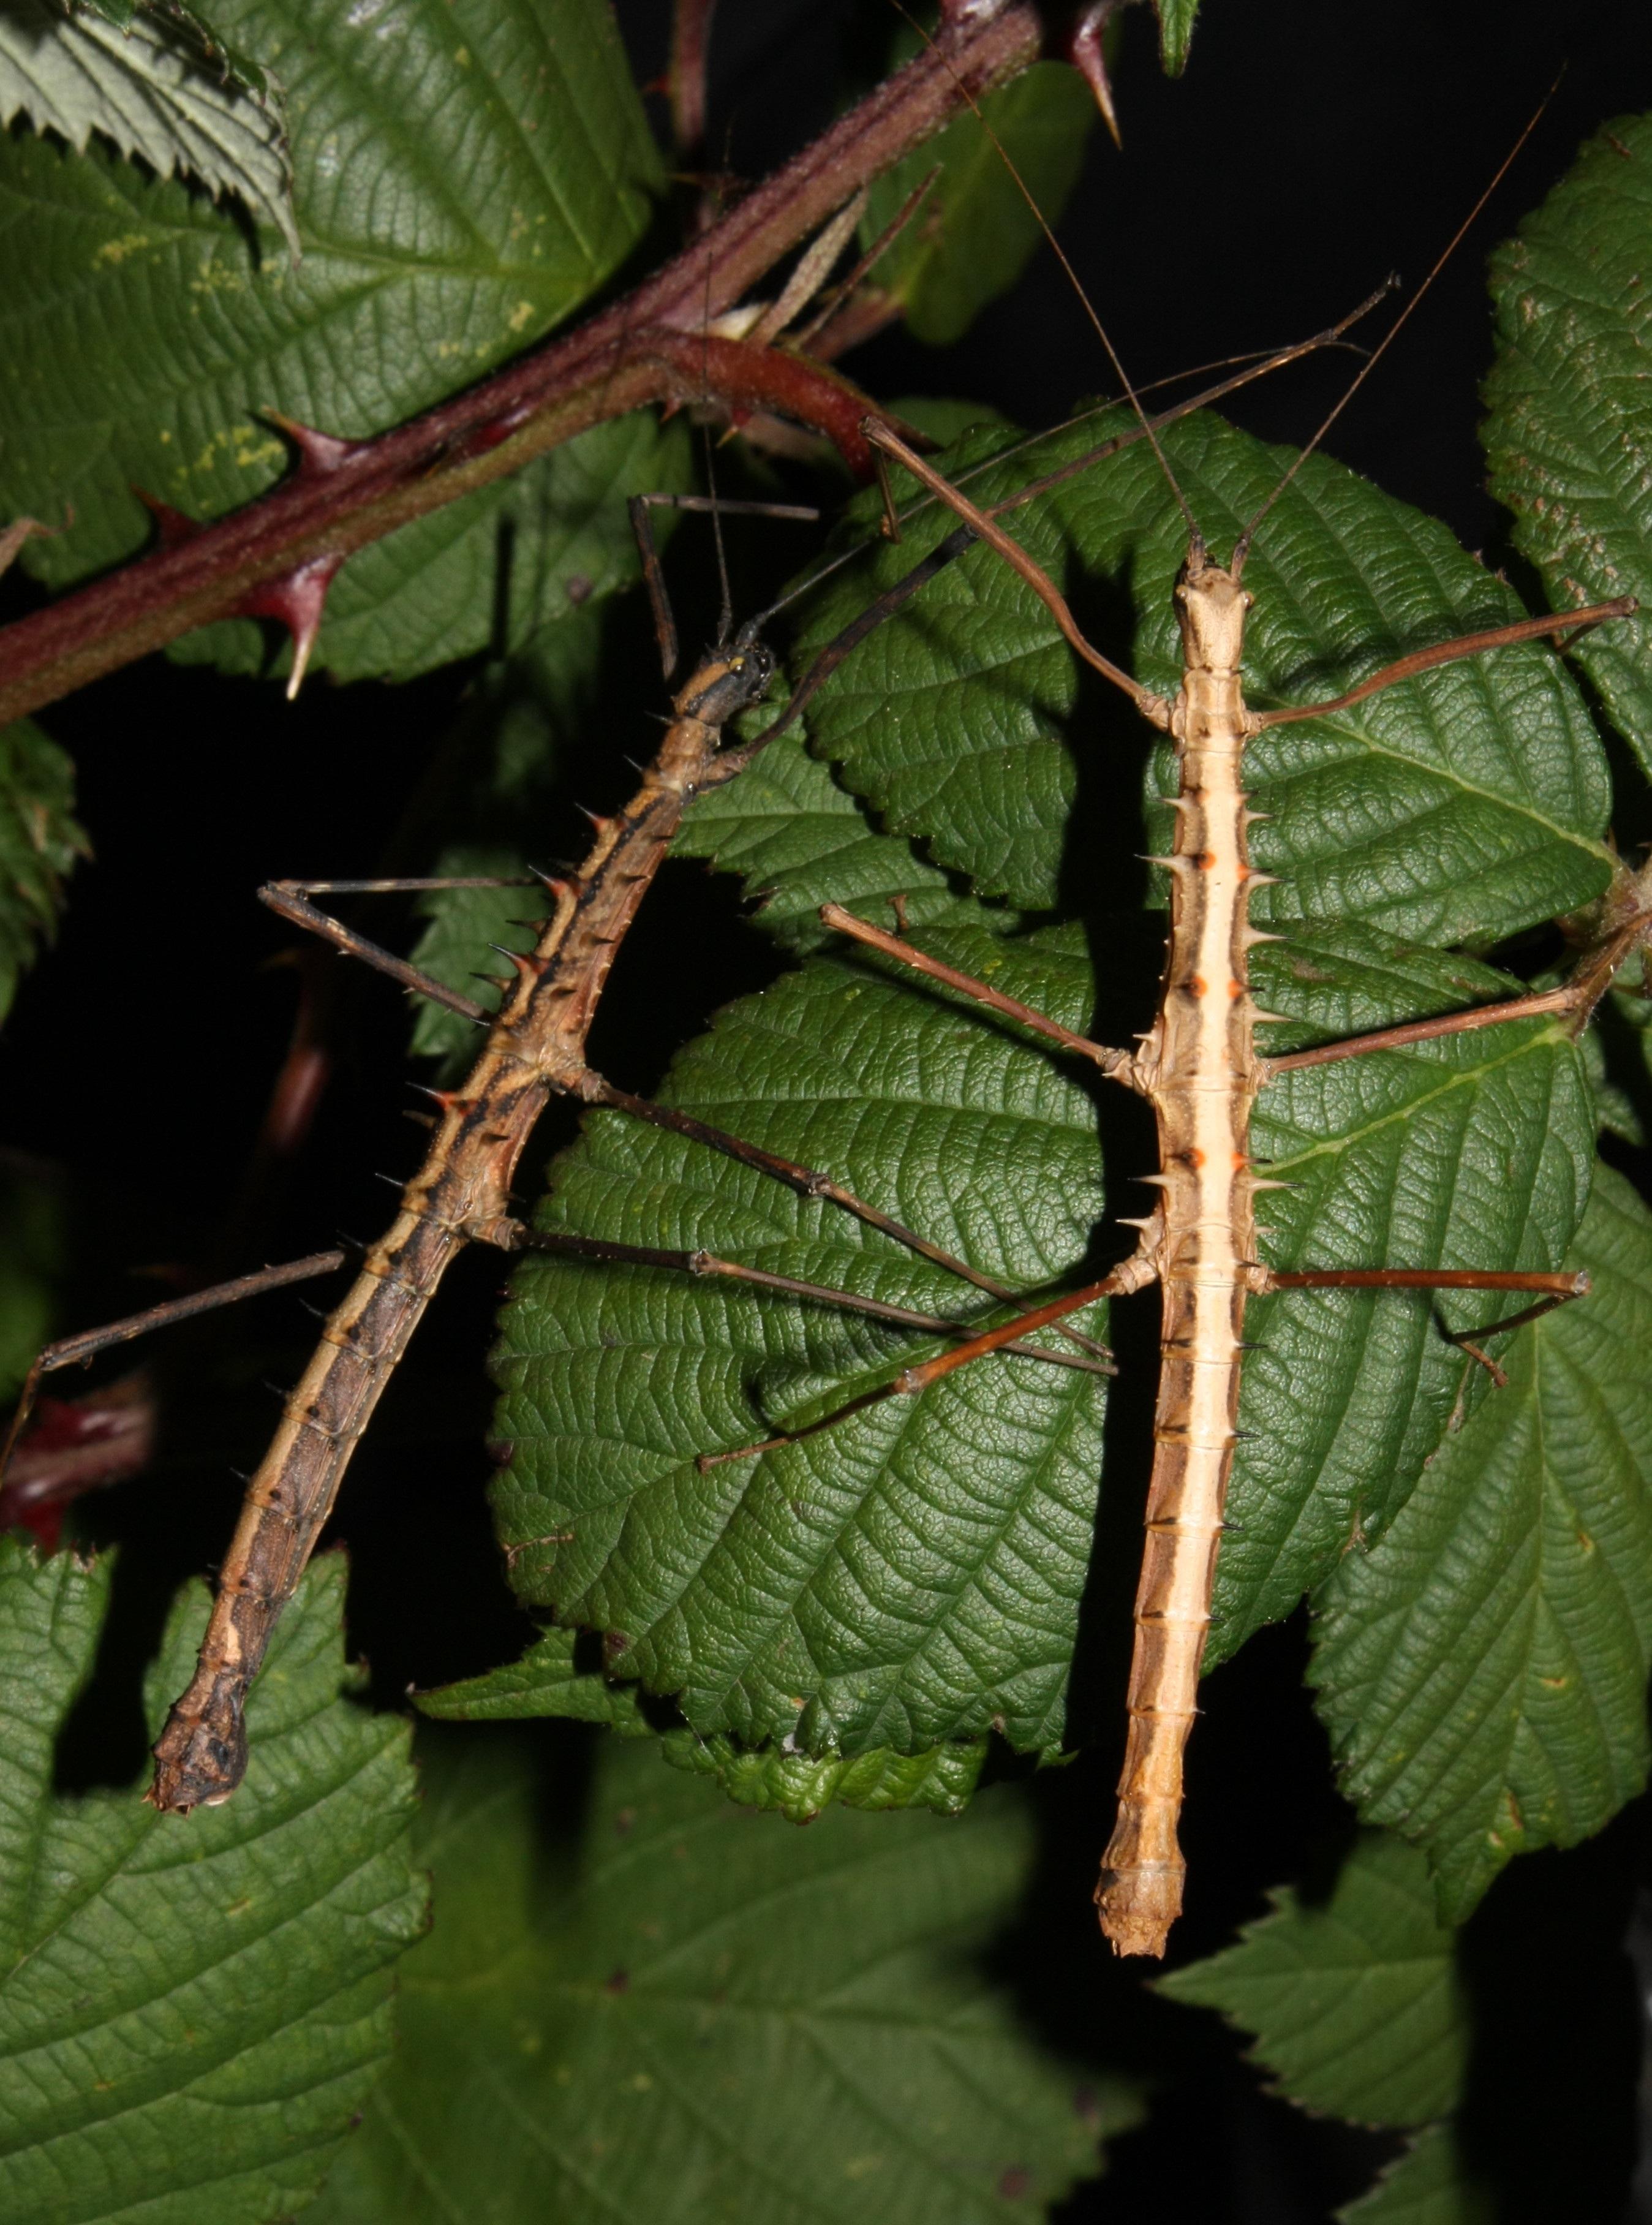 Gratis Billeder Tr 230 Natur Afdeling Plante Blad